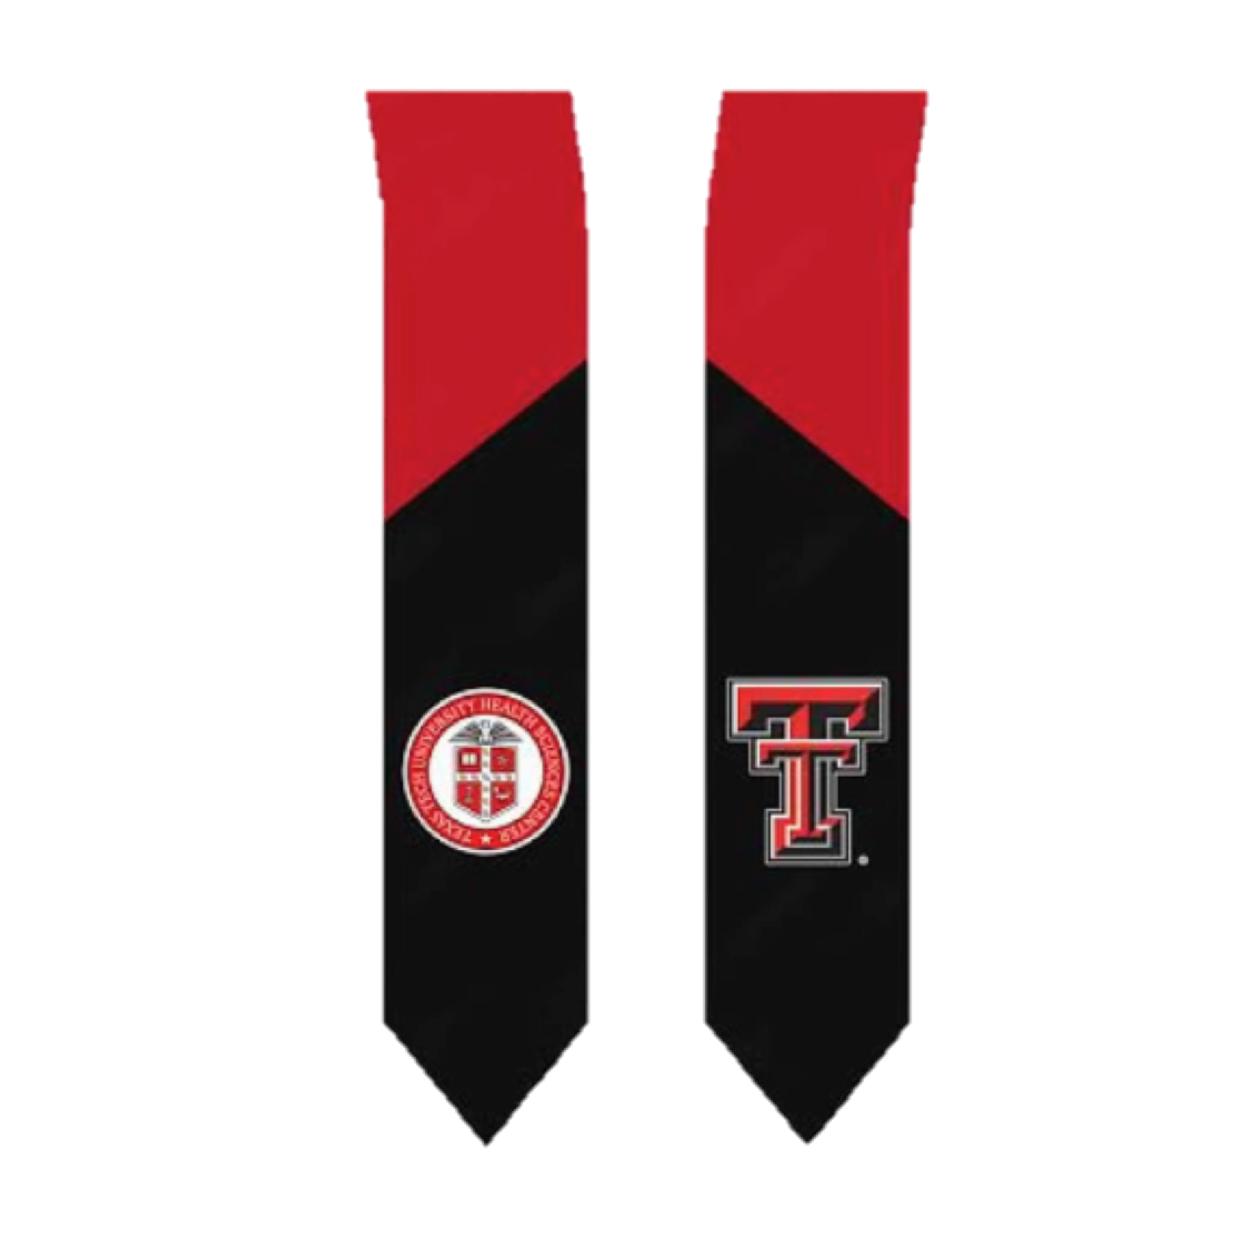 Stole – West Texas Graduation Services.